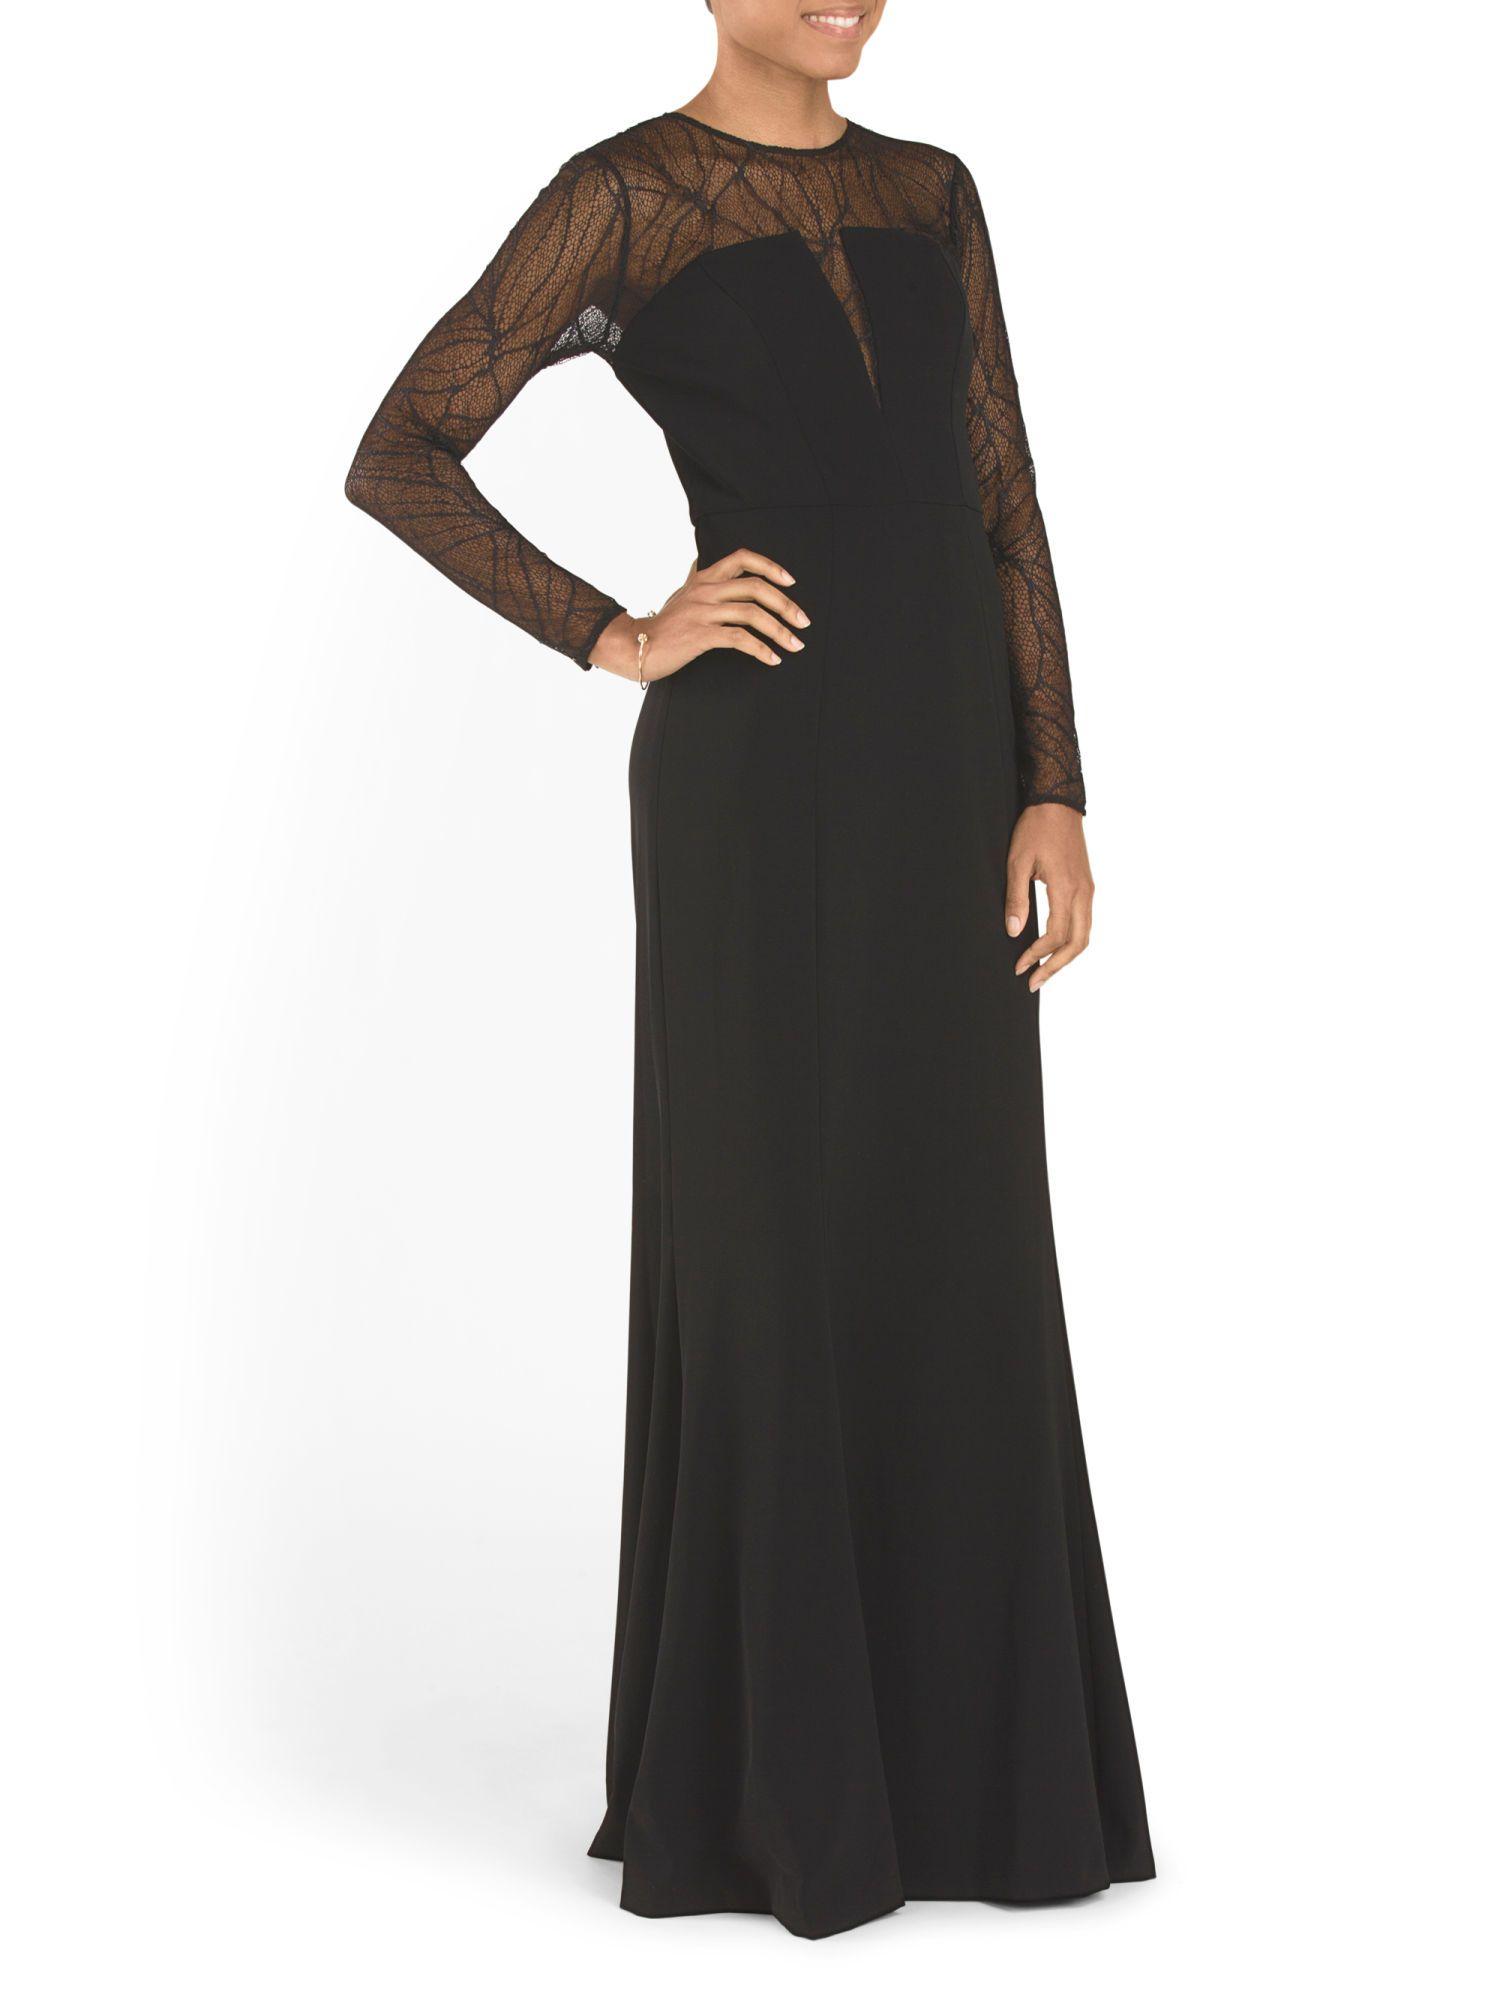 ML MONIQUE LHUILLIER Stretch Crepe Dress Evening Gown $149.99 | TJ ...